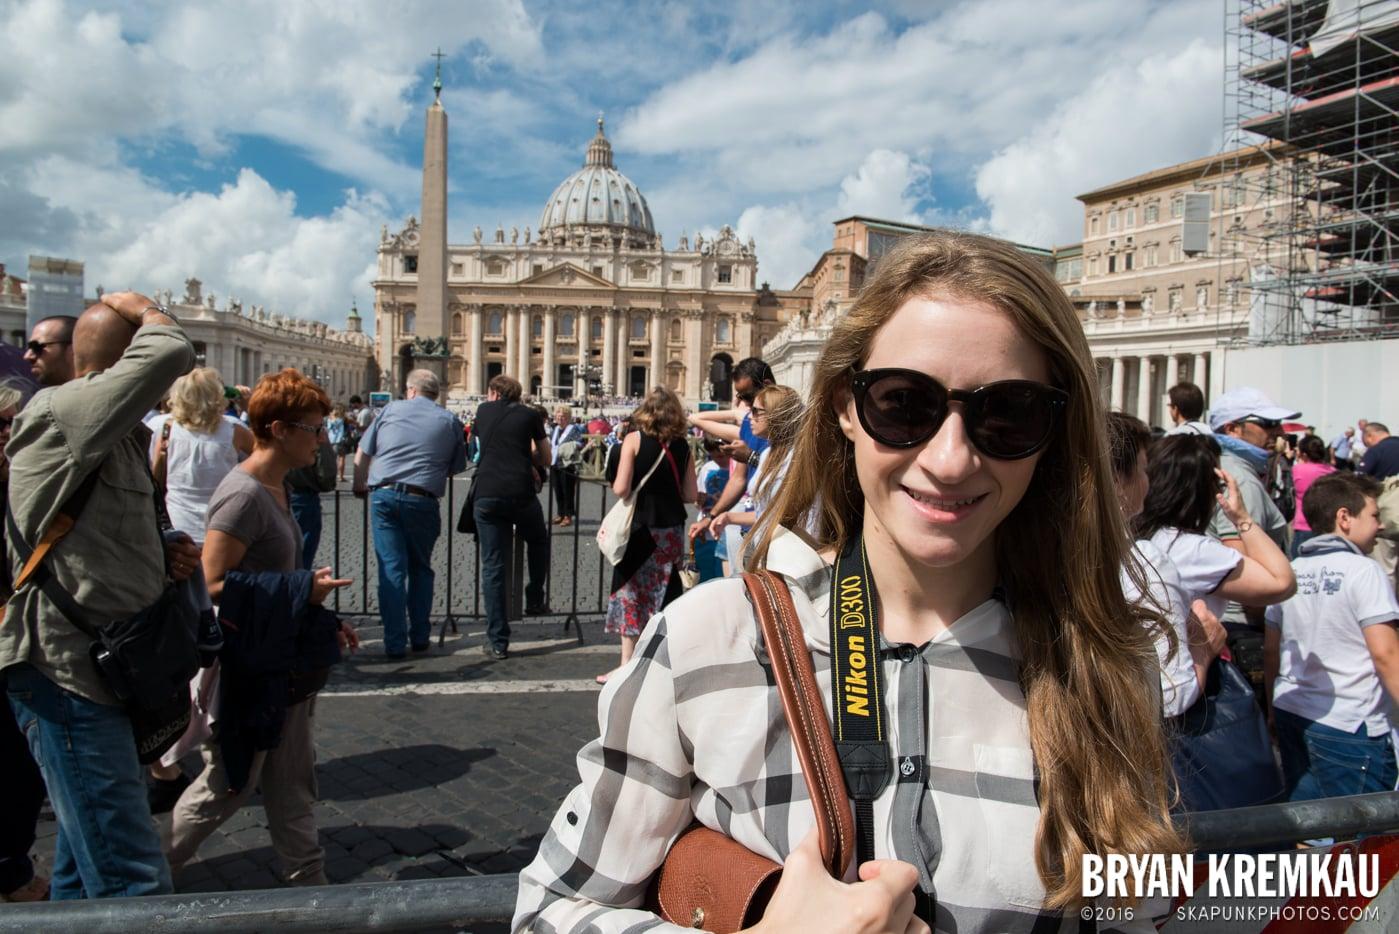 Italy Vacation - Day 3: Rome - 9.11.13 (33)